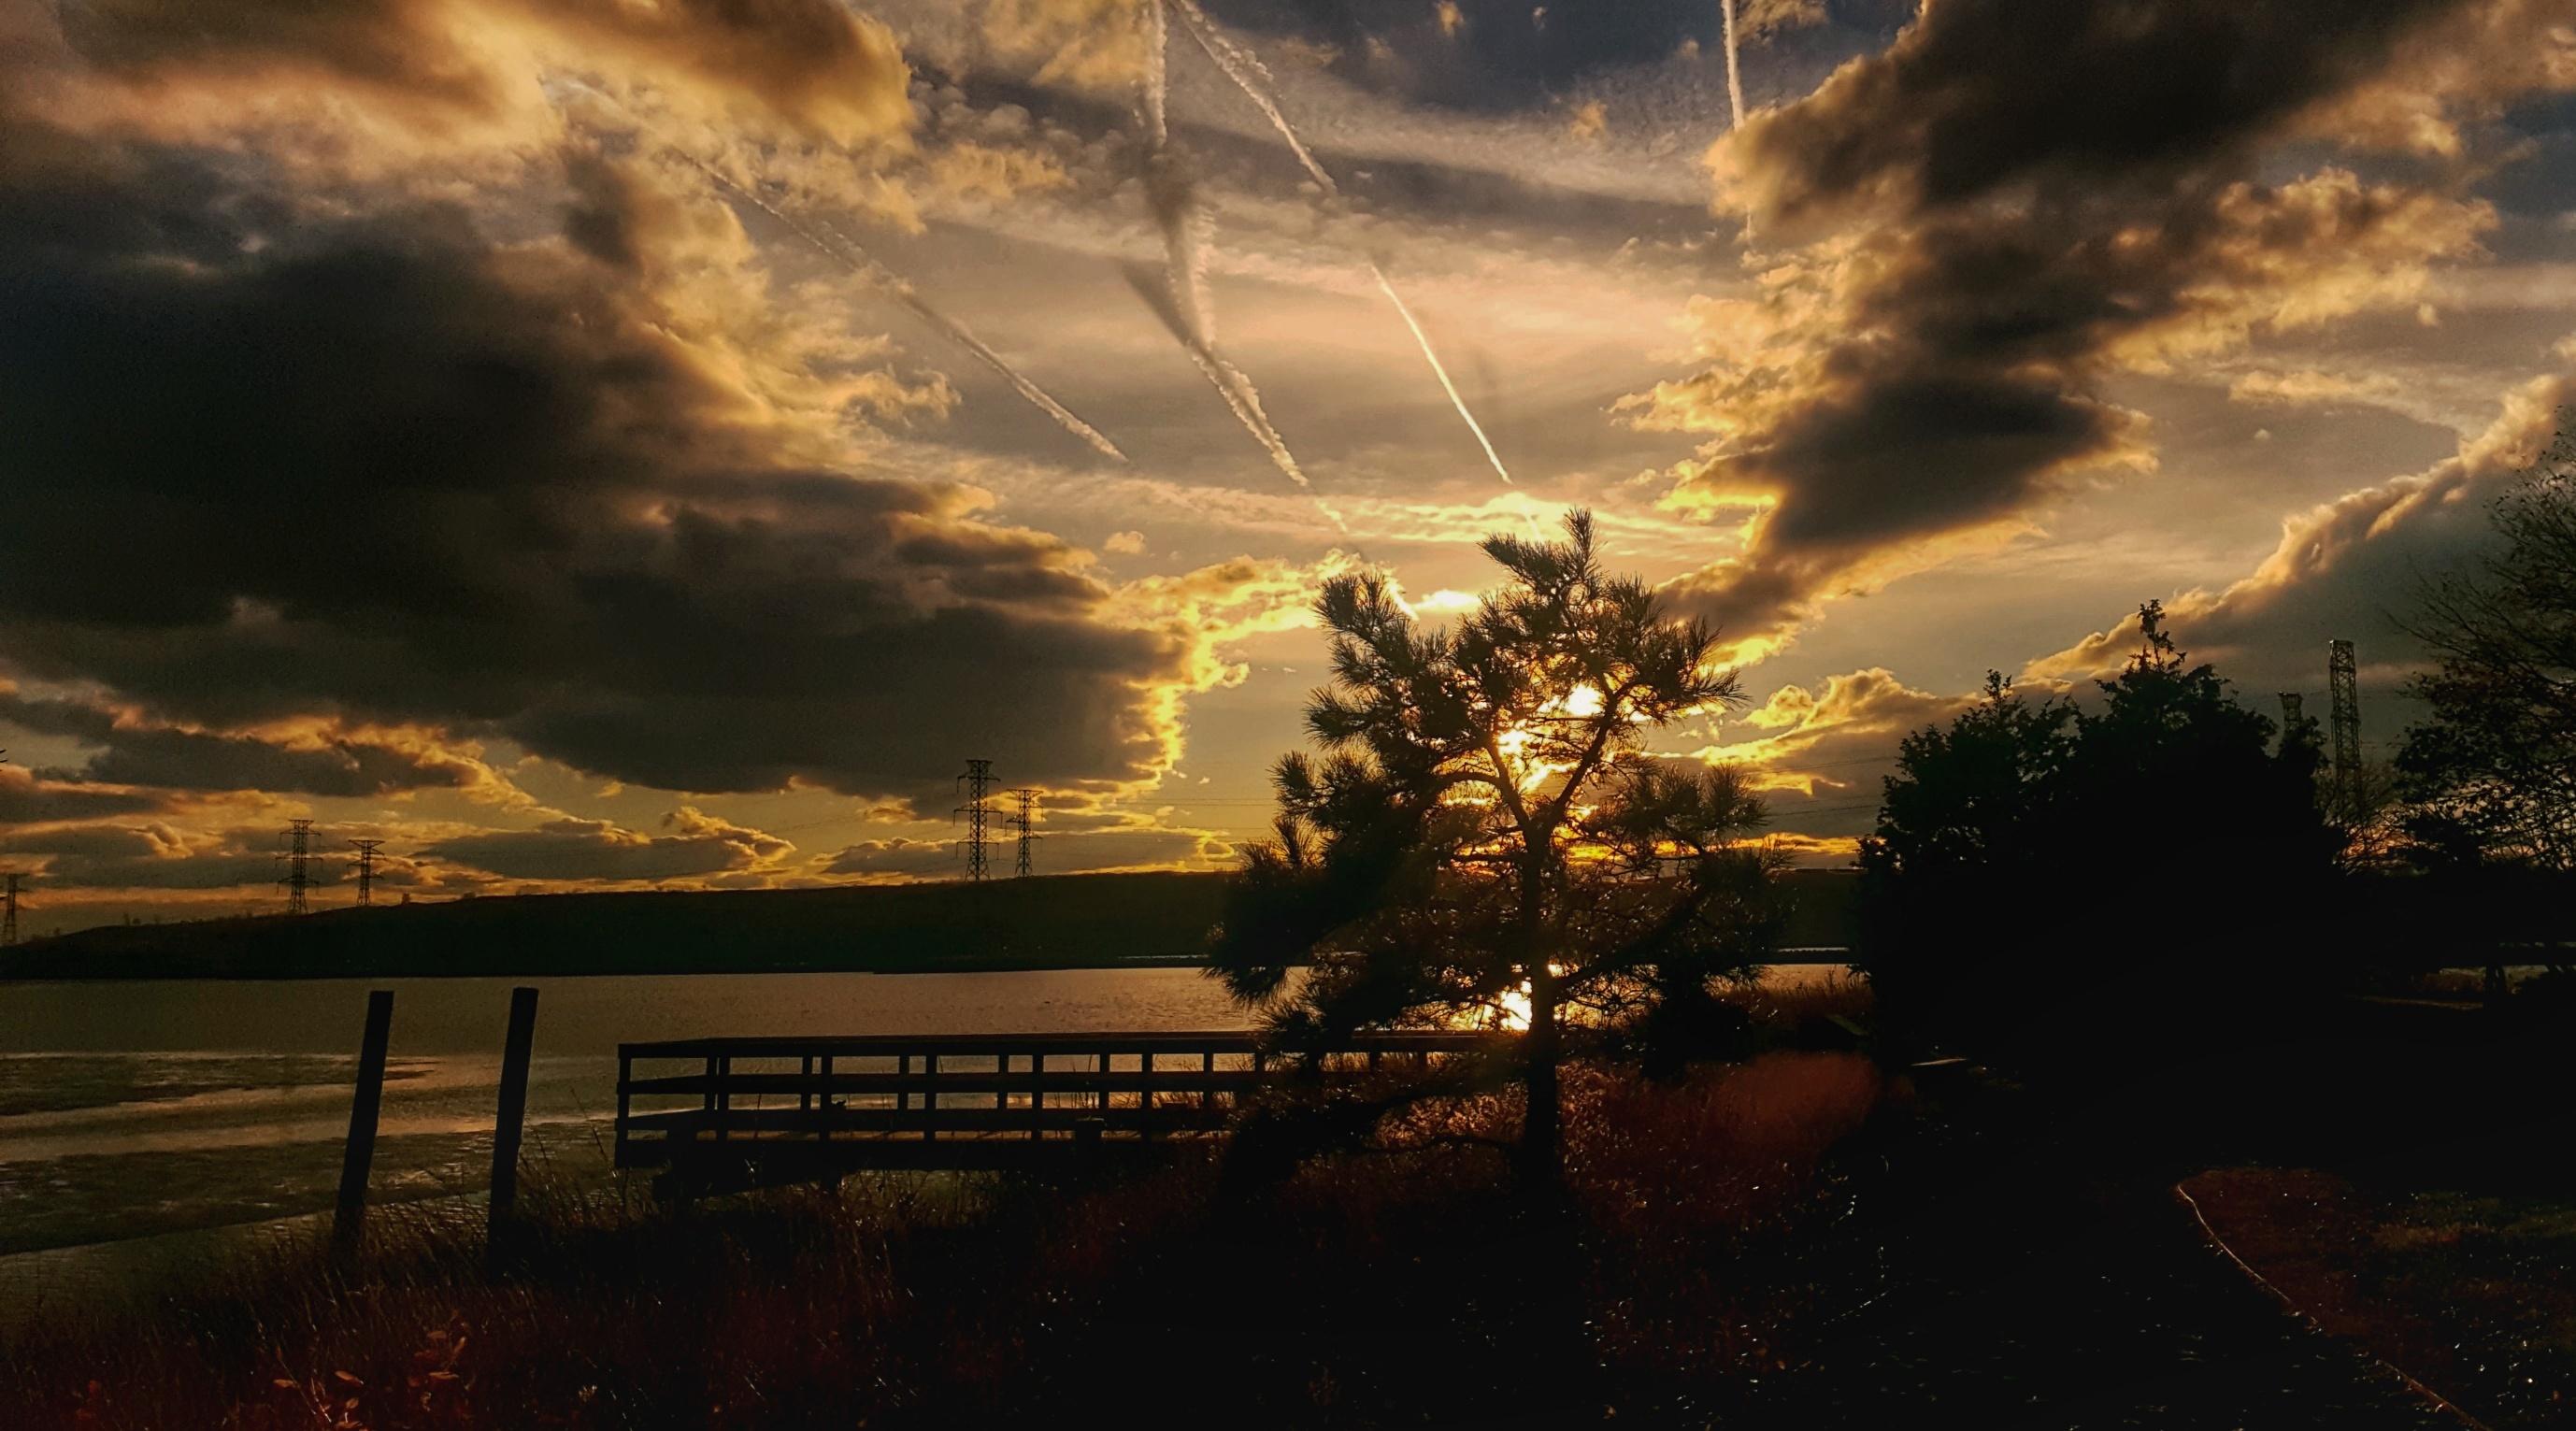 sunset5-takacs-11-16